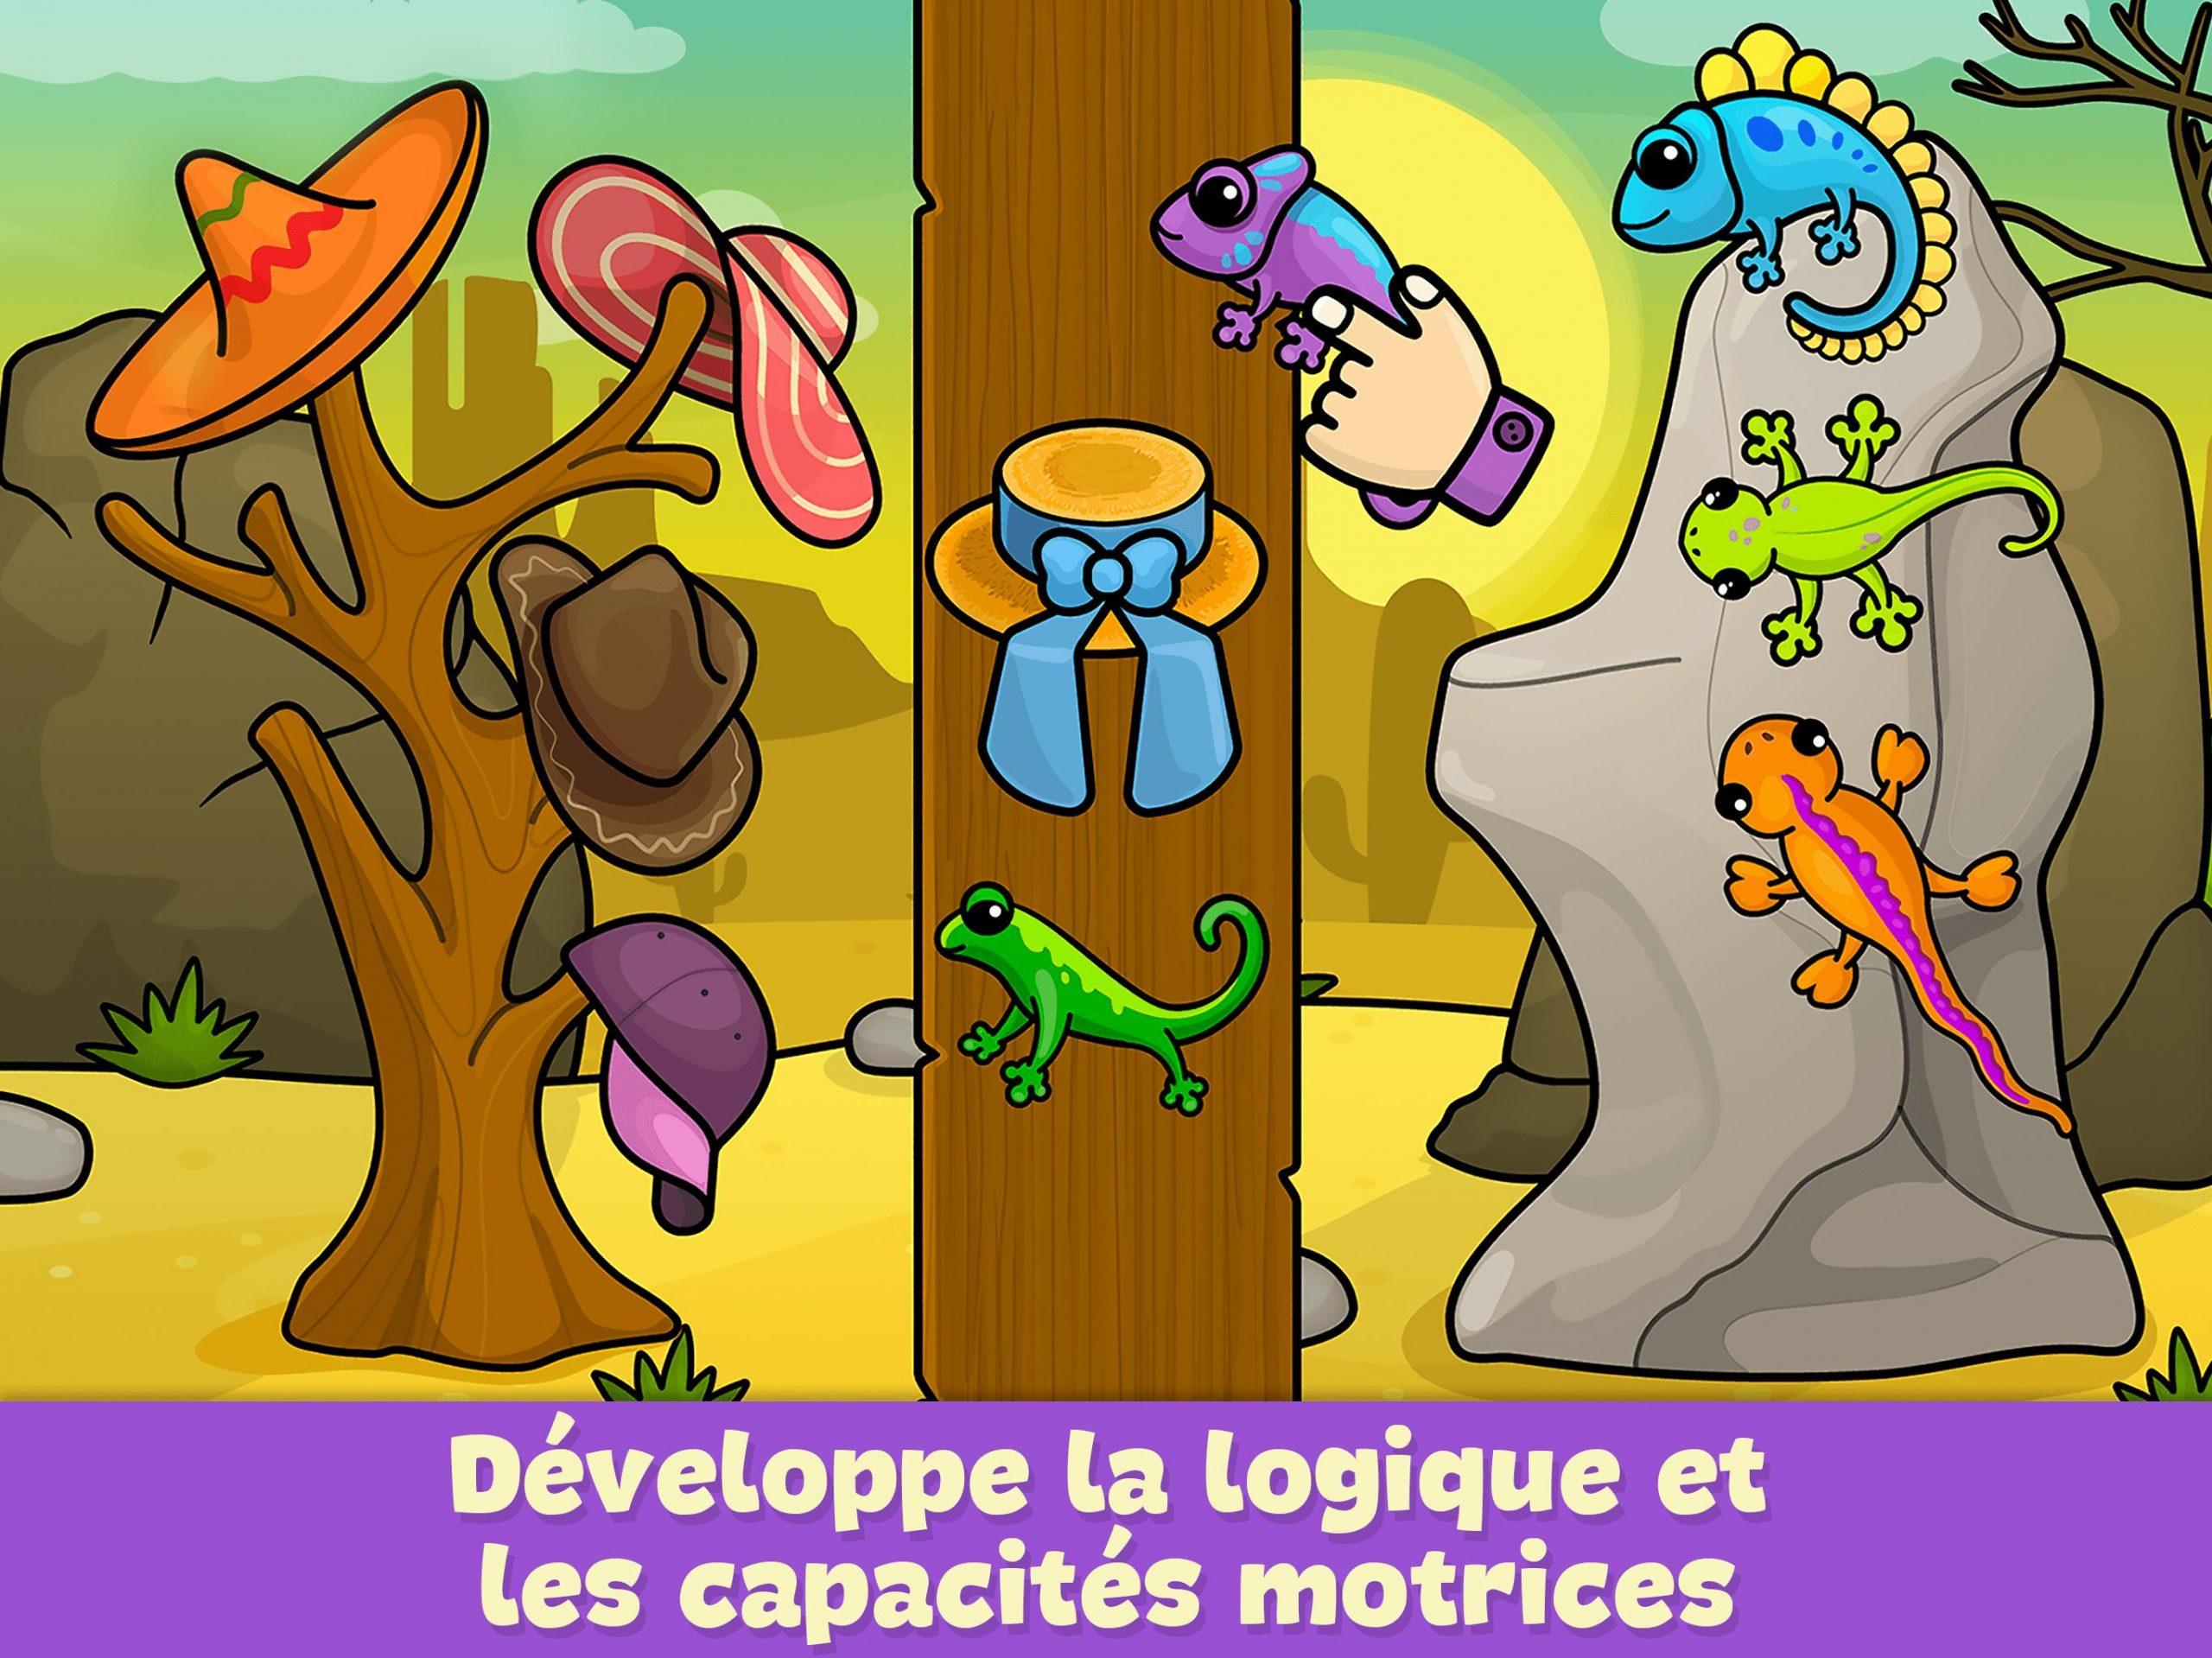 Jeux Pour Enfants 2 - 5 Ans Pour Android - Téléchargez L'apk concernant Jeux Educatif Gratuit Pour Fille De 5 Ans